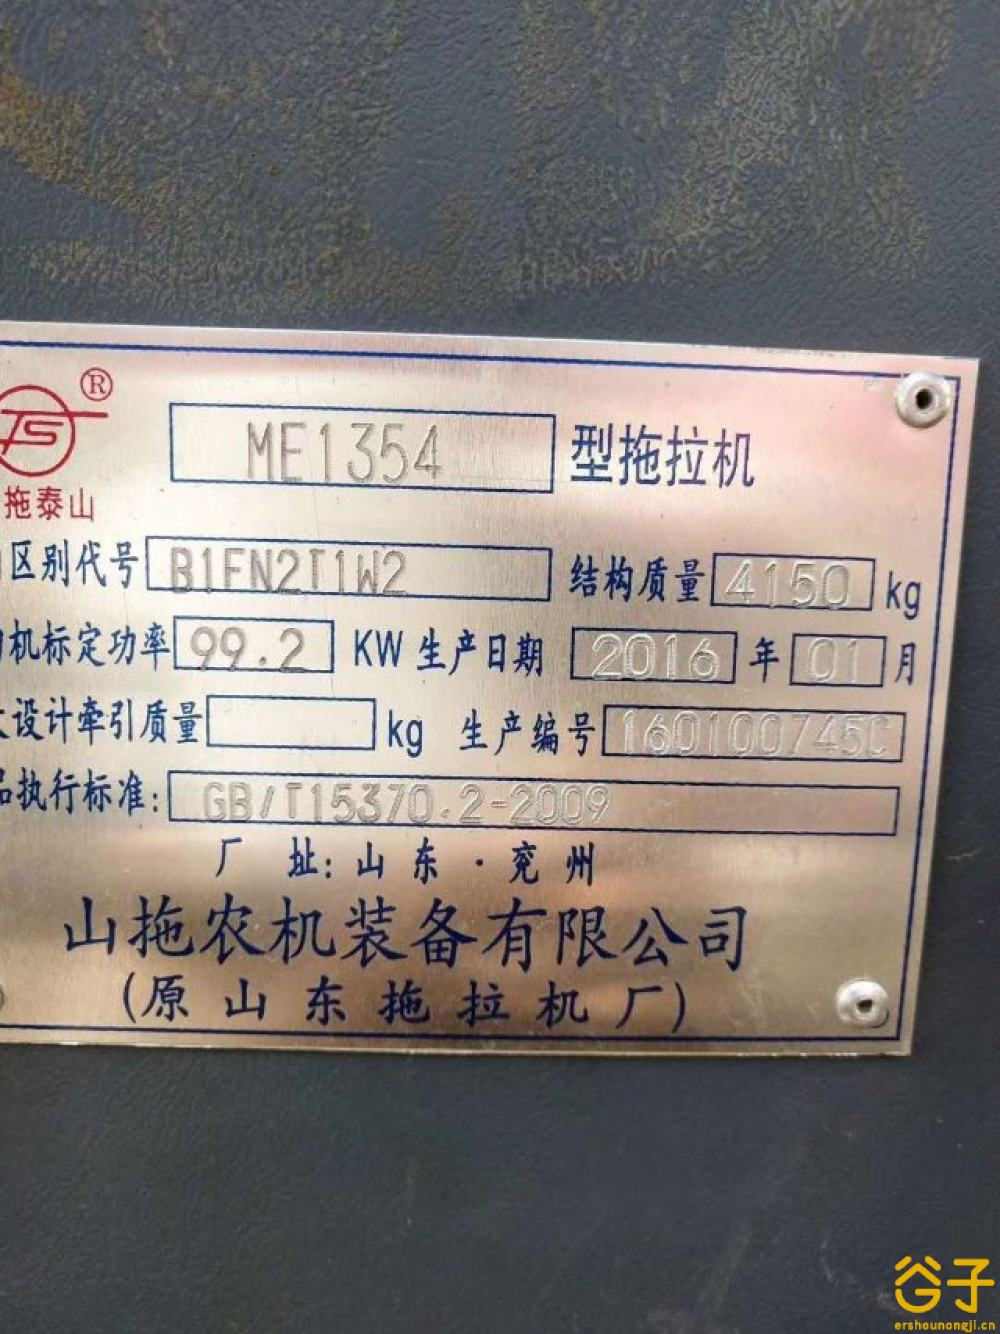 五征1354拖拉机